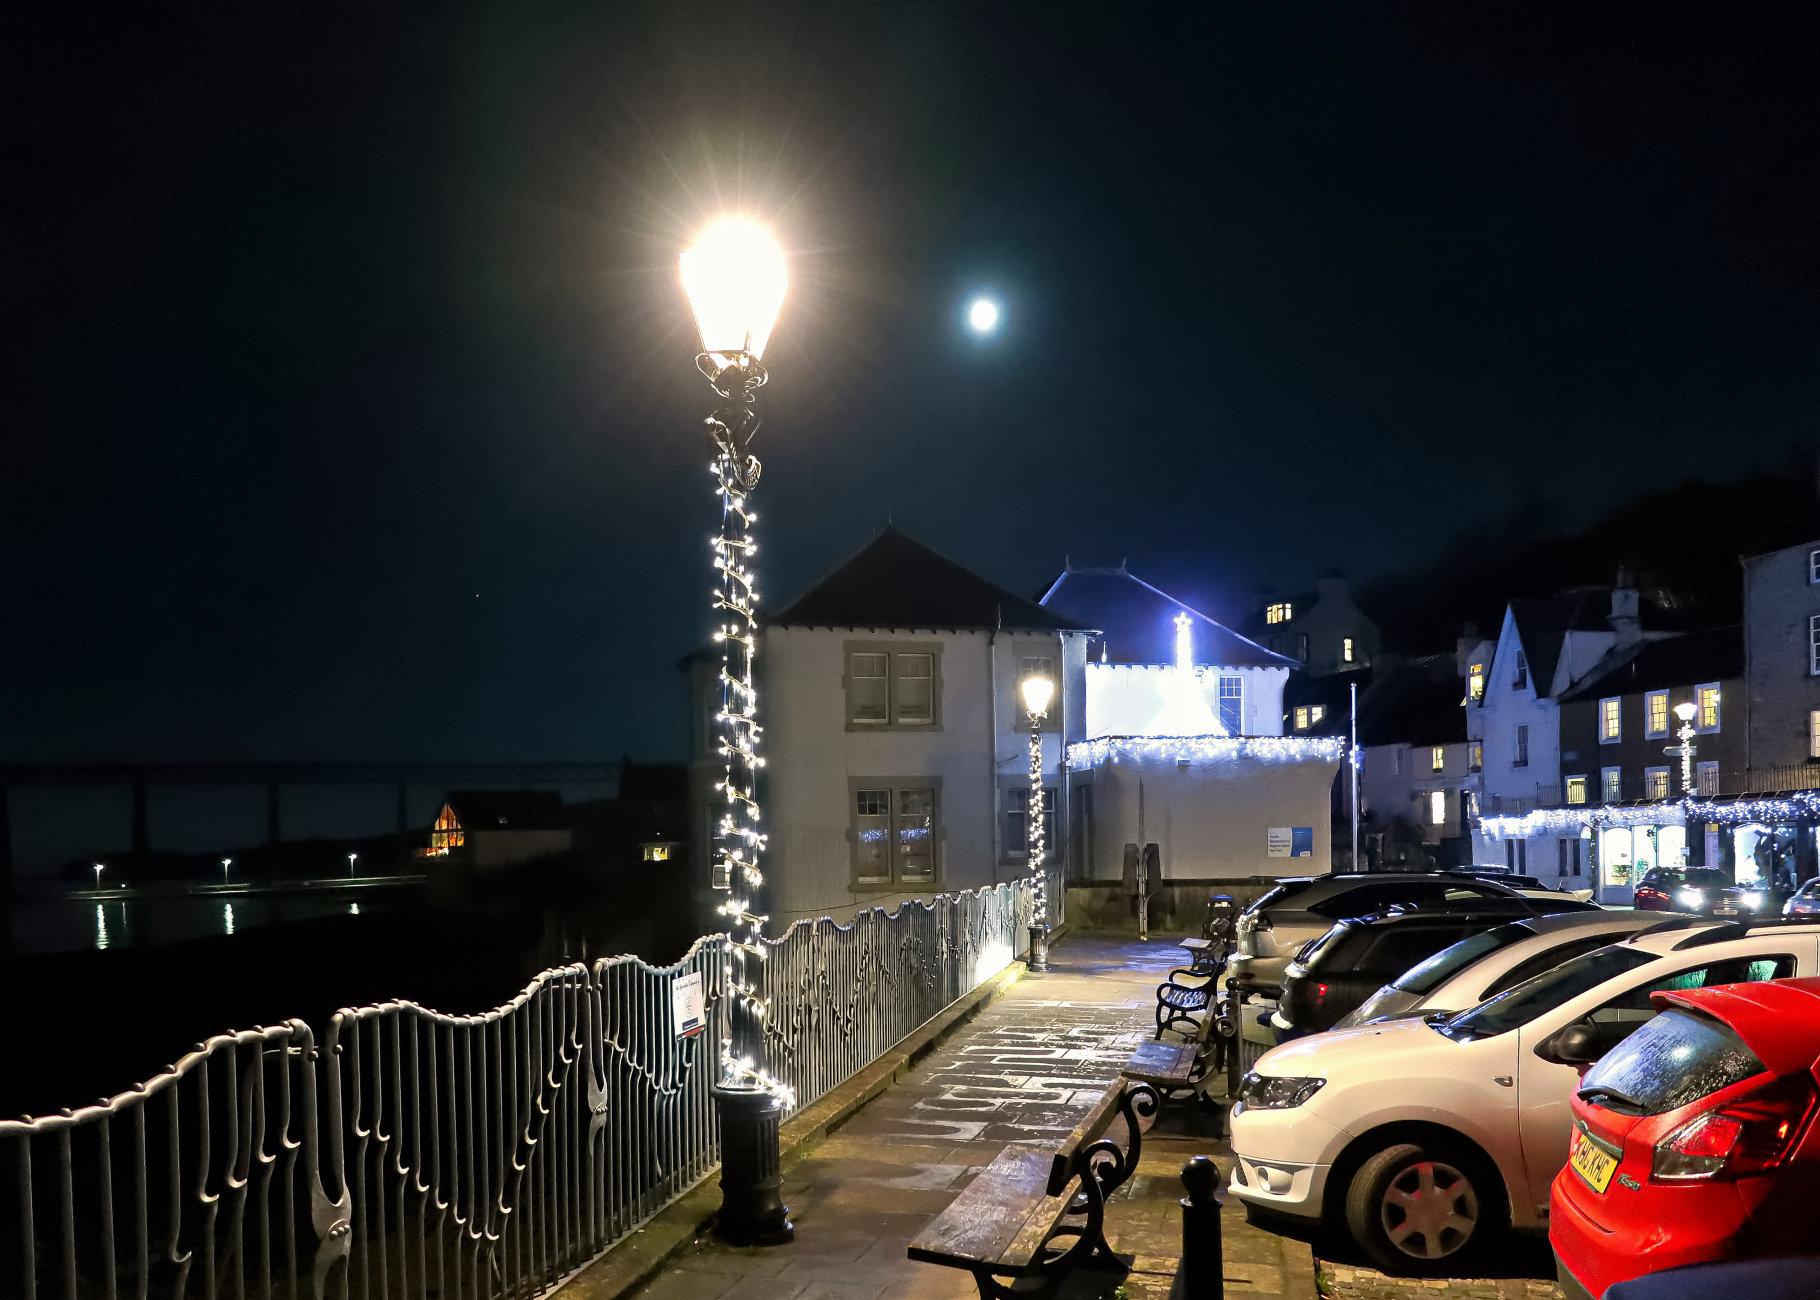 Lamp Light & Moonlight